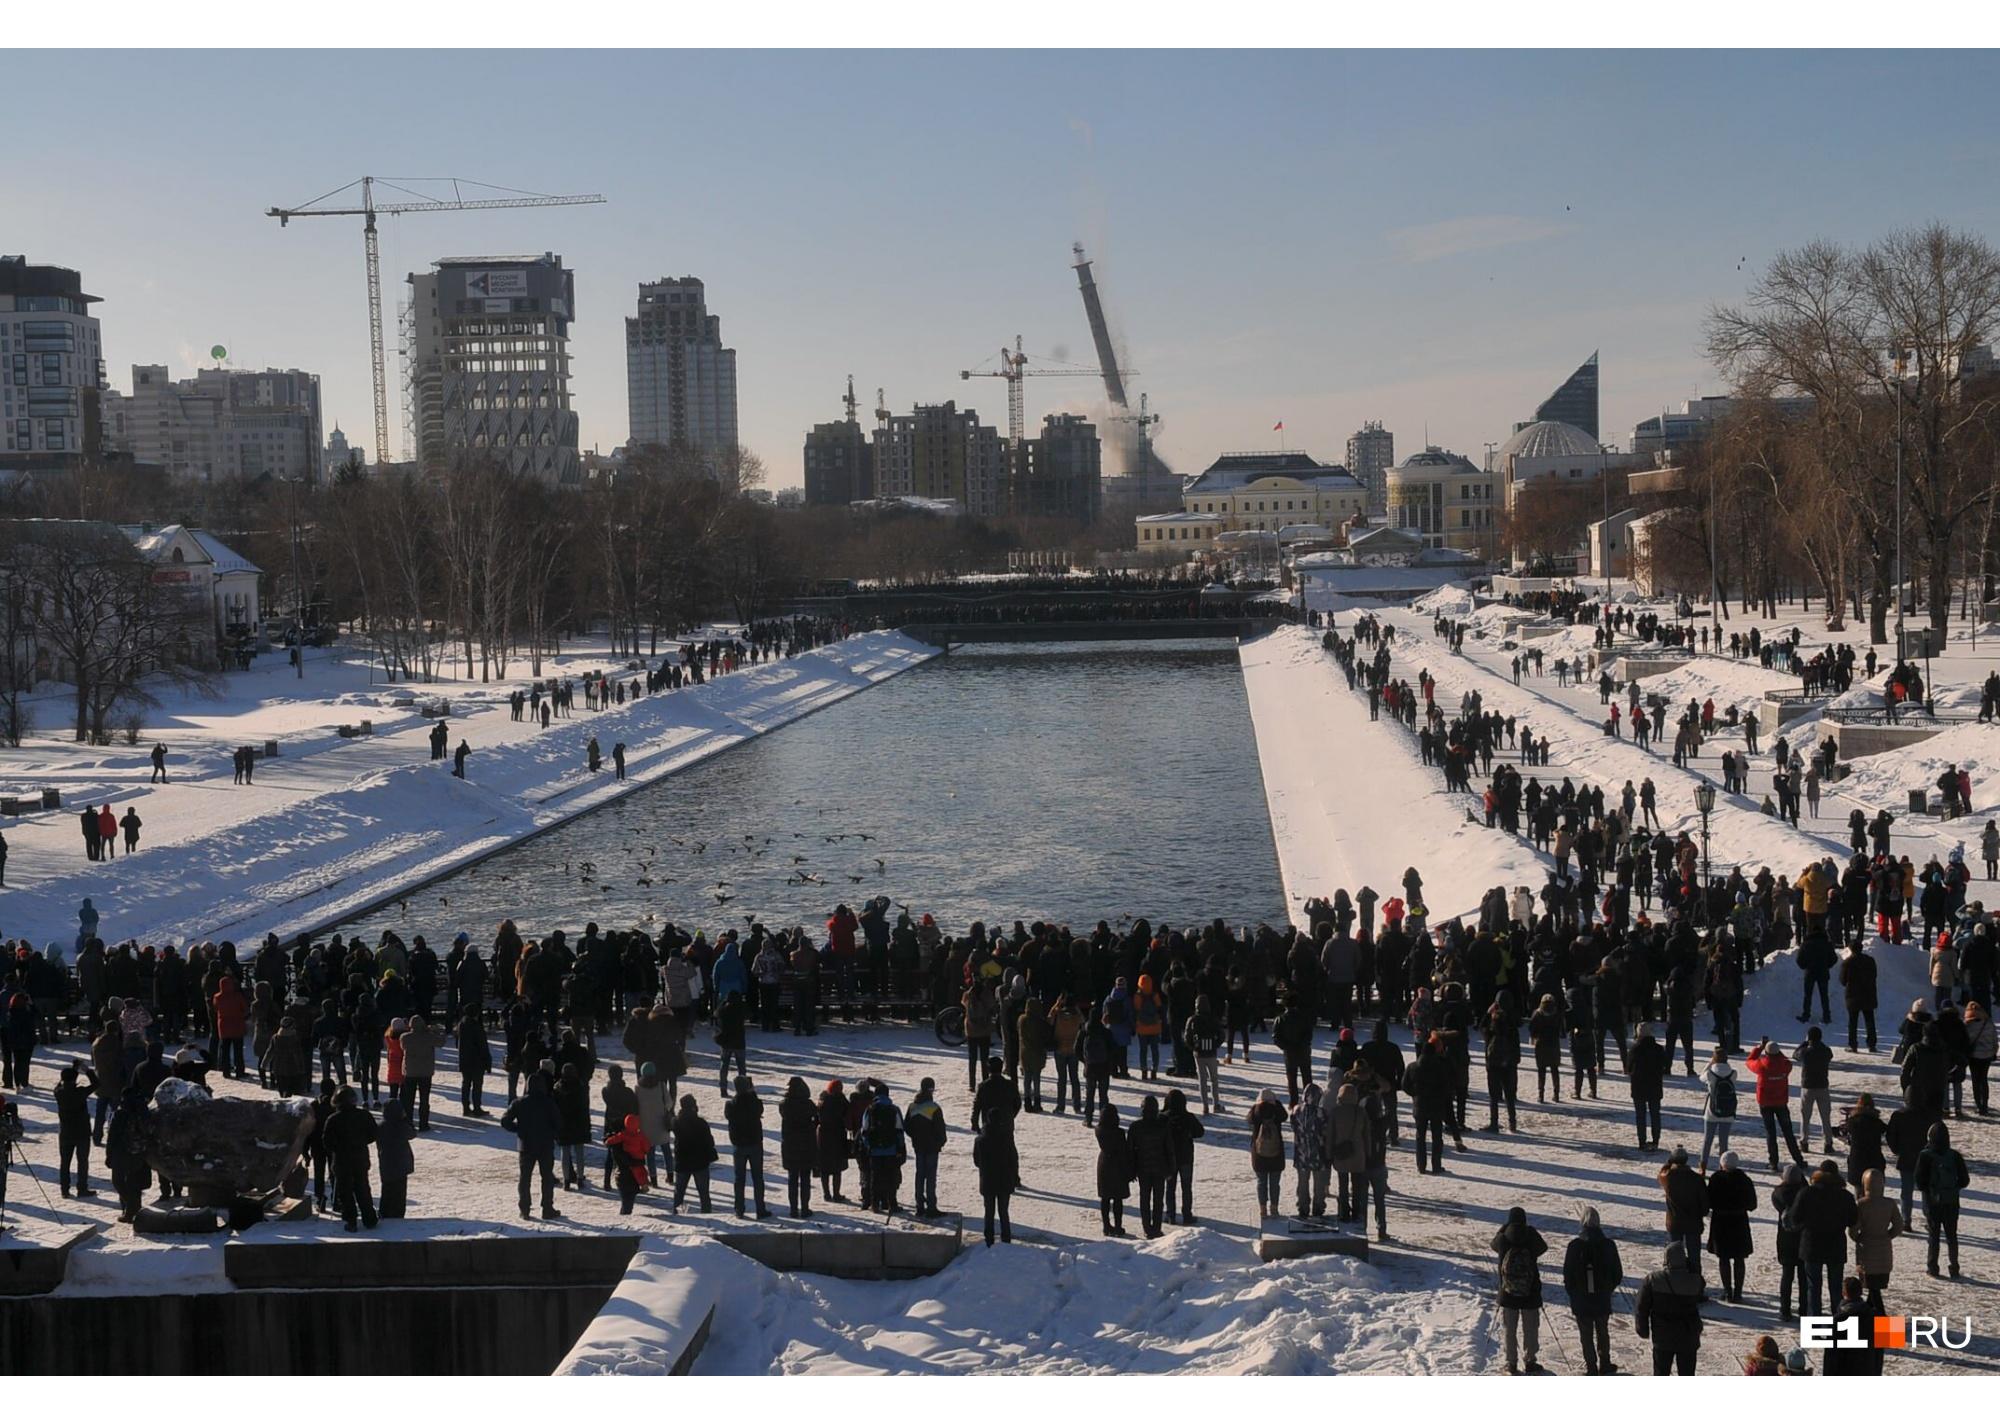 Панорама Екатеринбурга больше не будет прежней